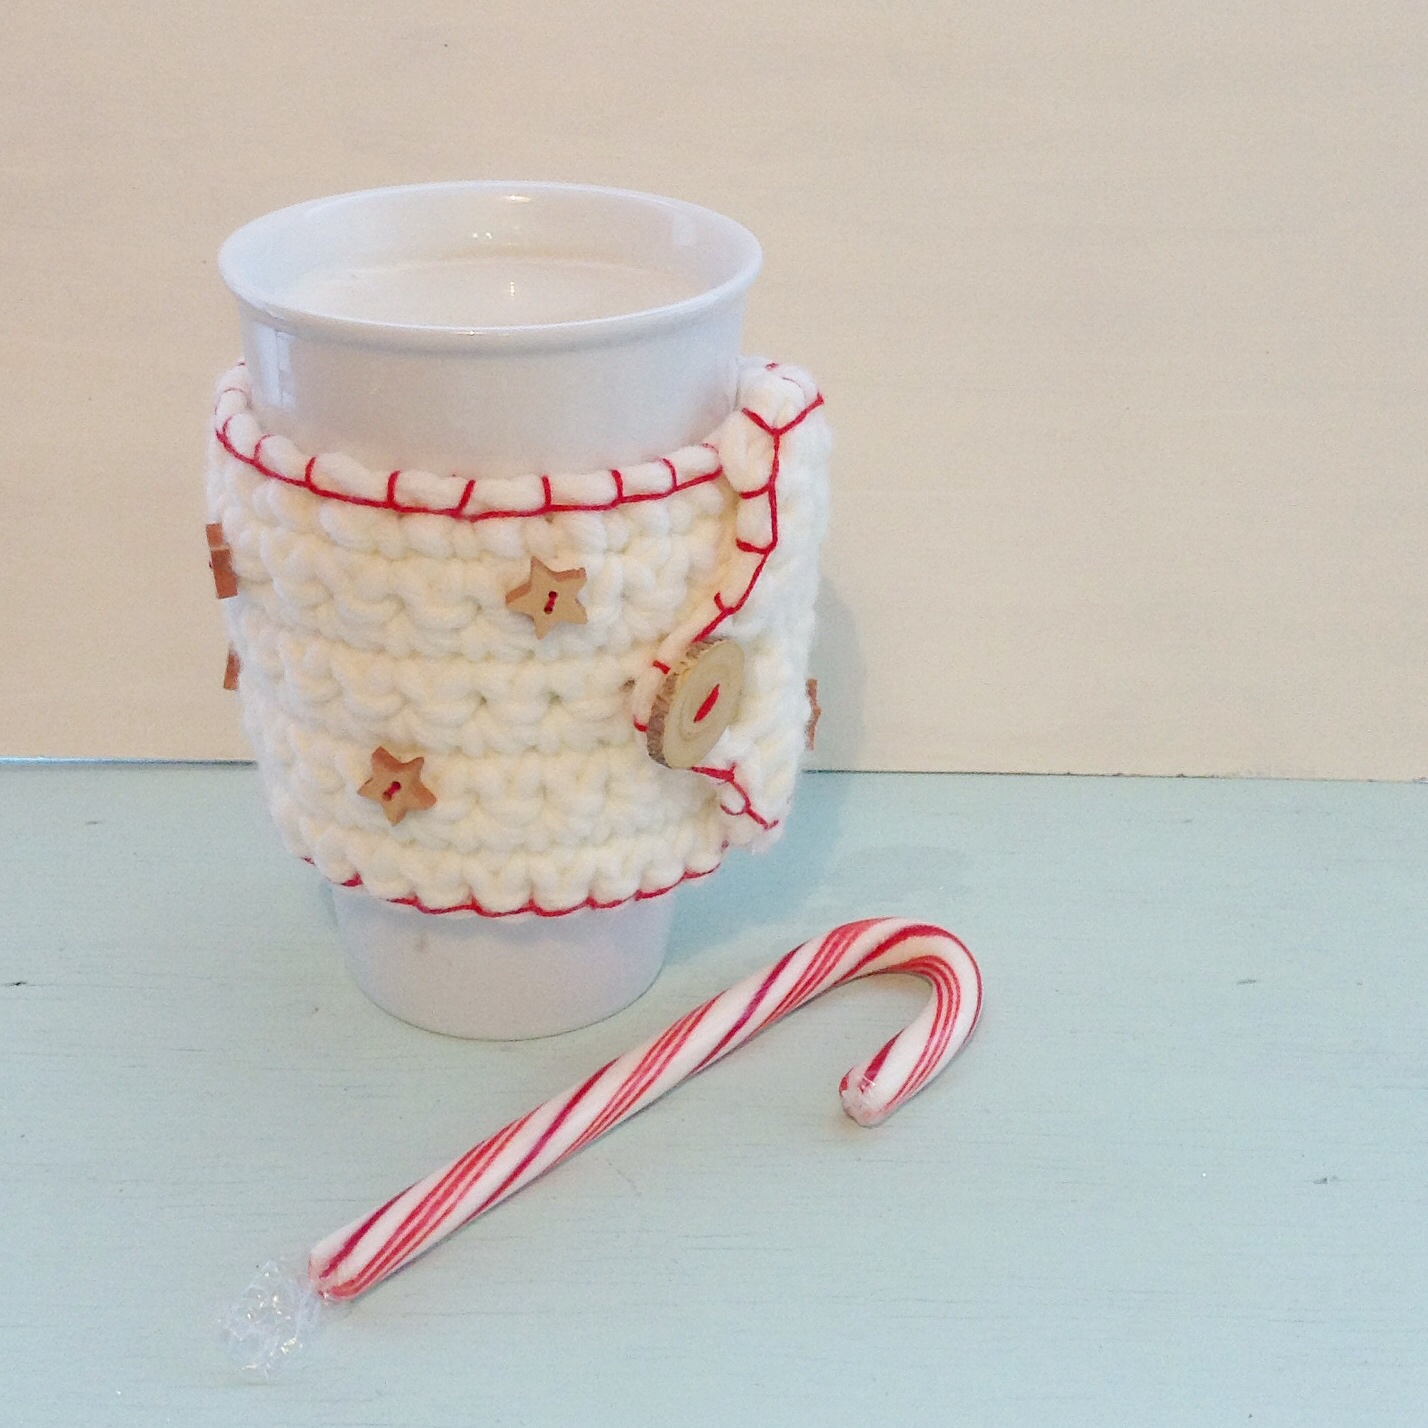 Preparando la navidad 2014 parte i como decorar una taza - Como decorar una taza ...